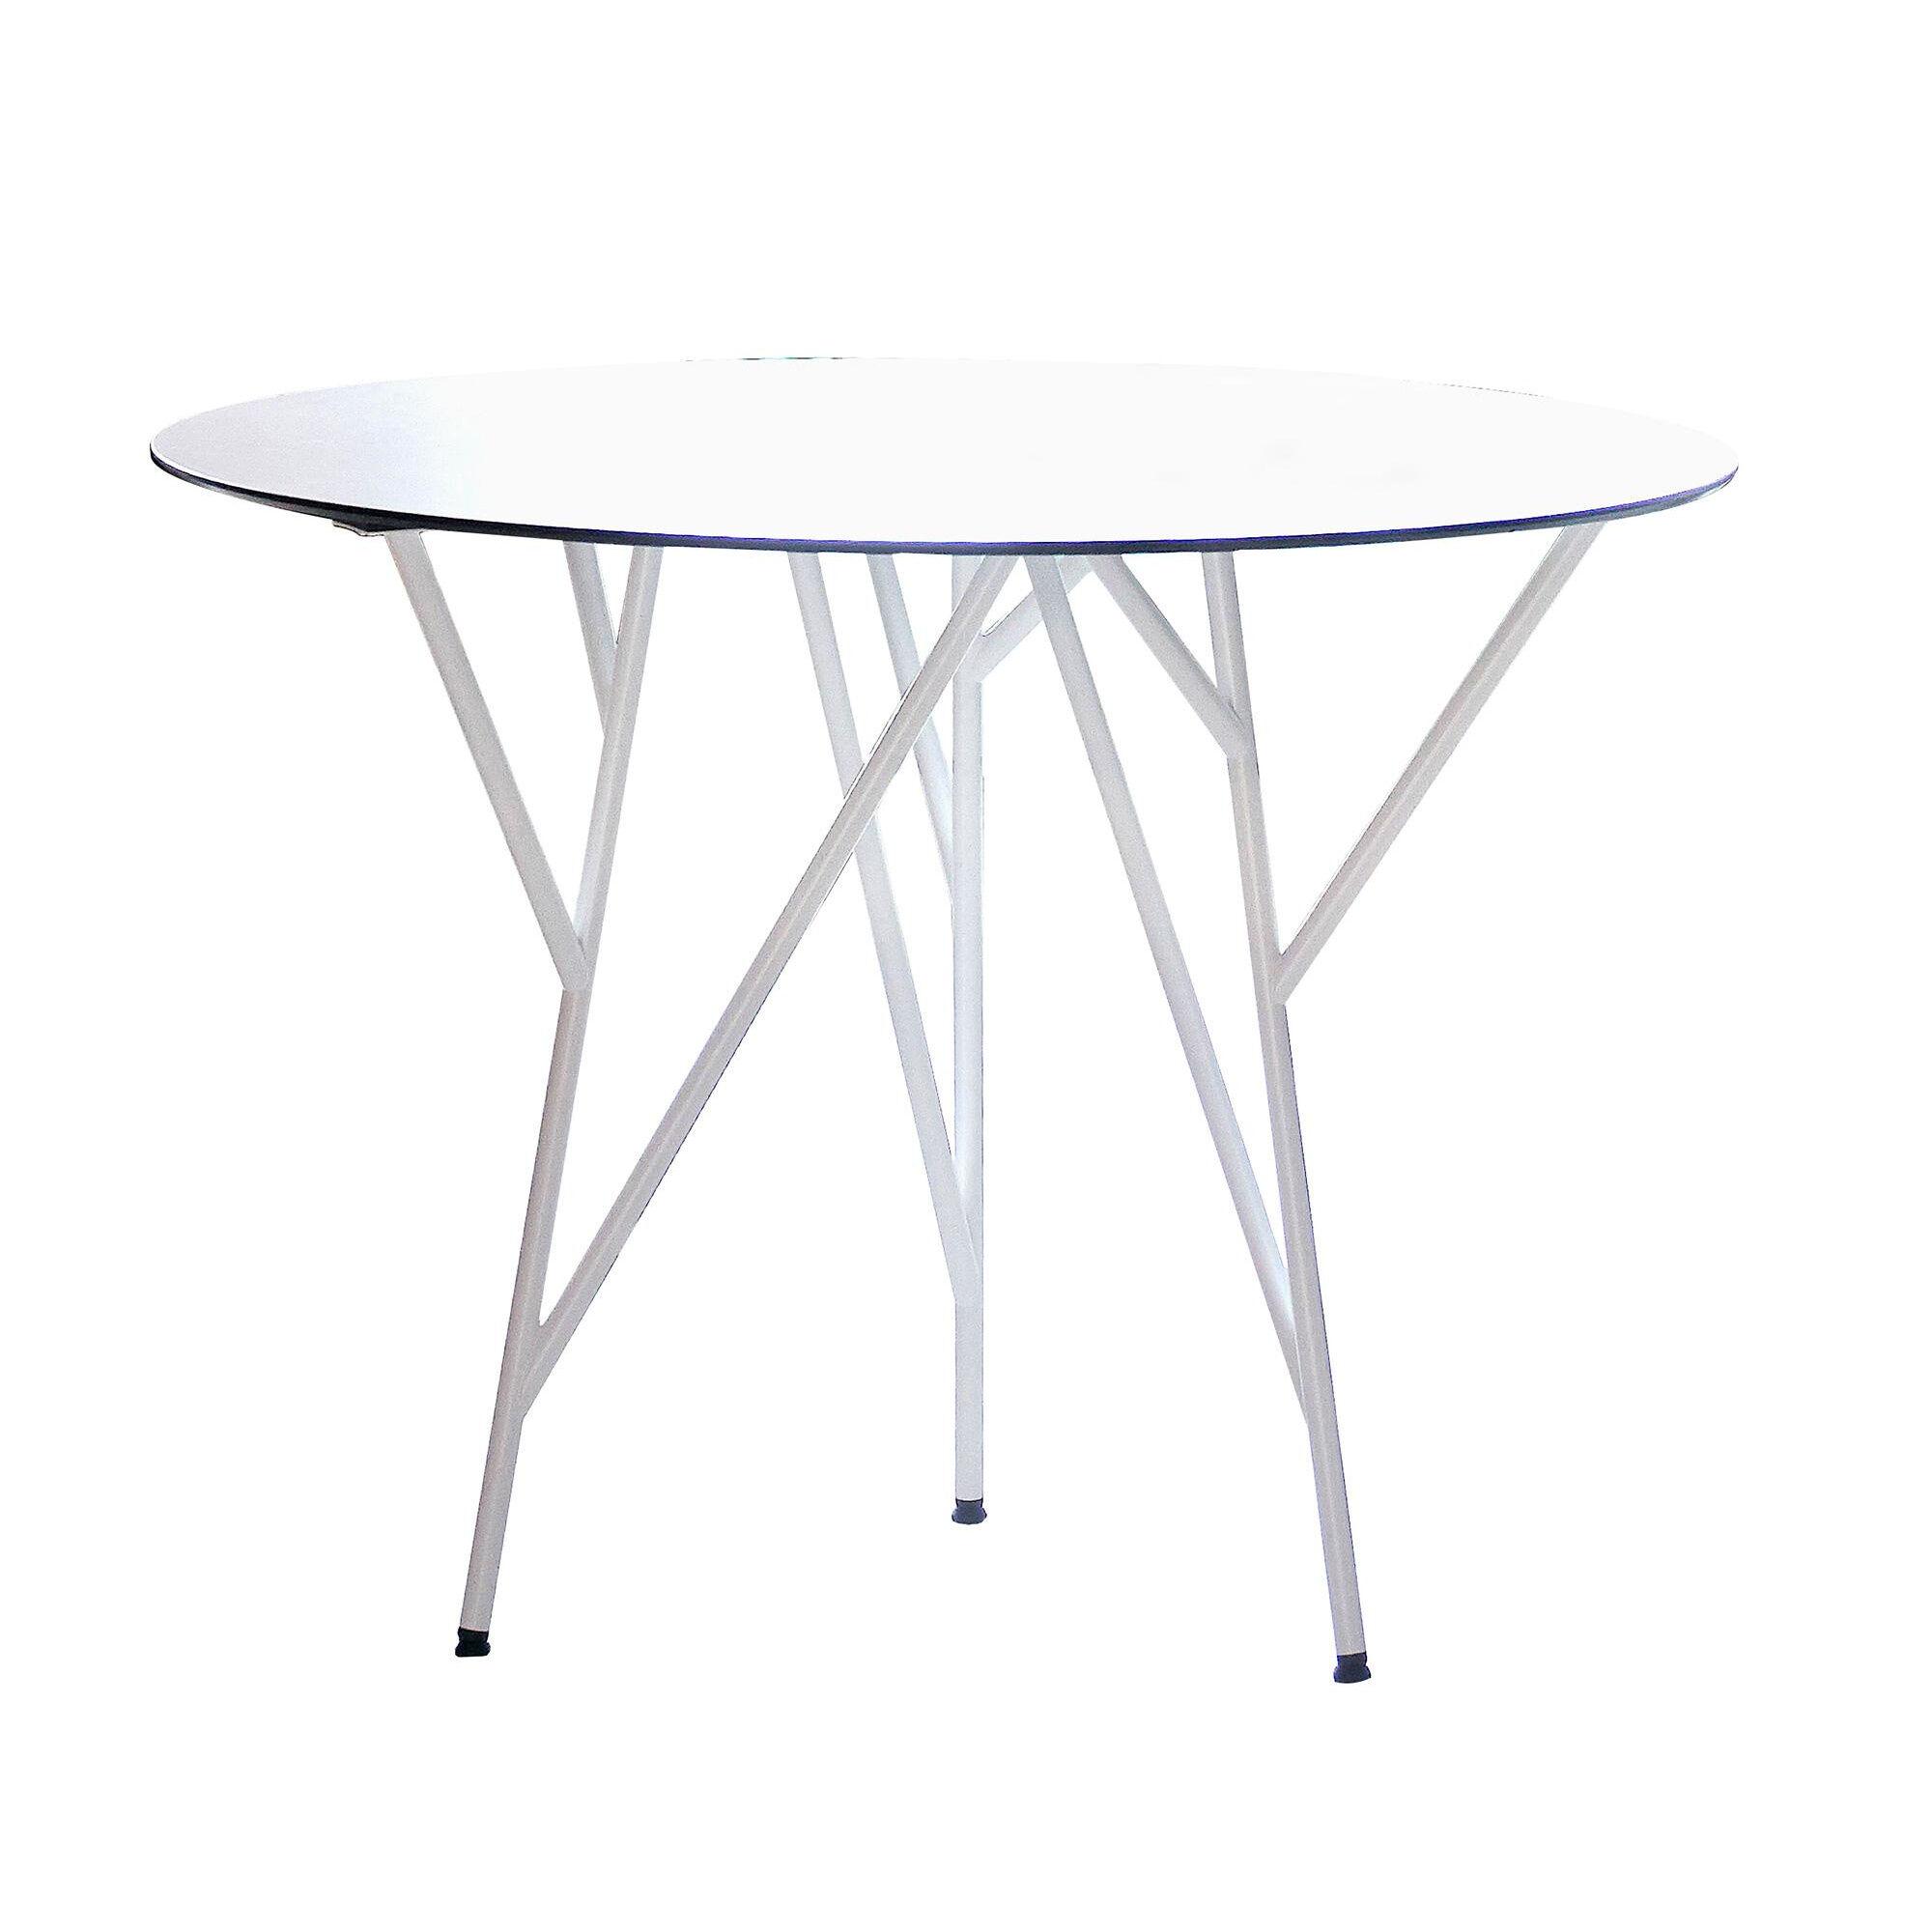 Jan Kurtz Table de jardin Astwerk - blanc/plateau de table HPL/H 75cm, Ø 100cm/structure acier